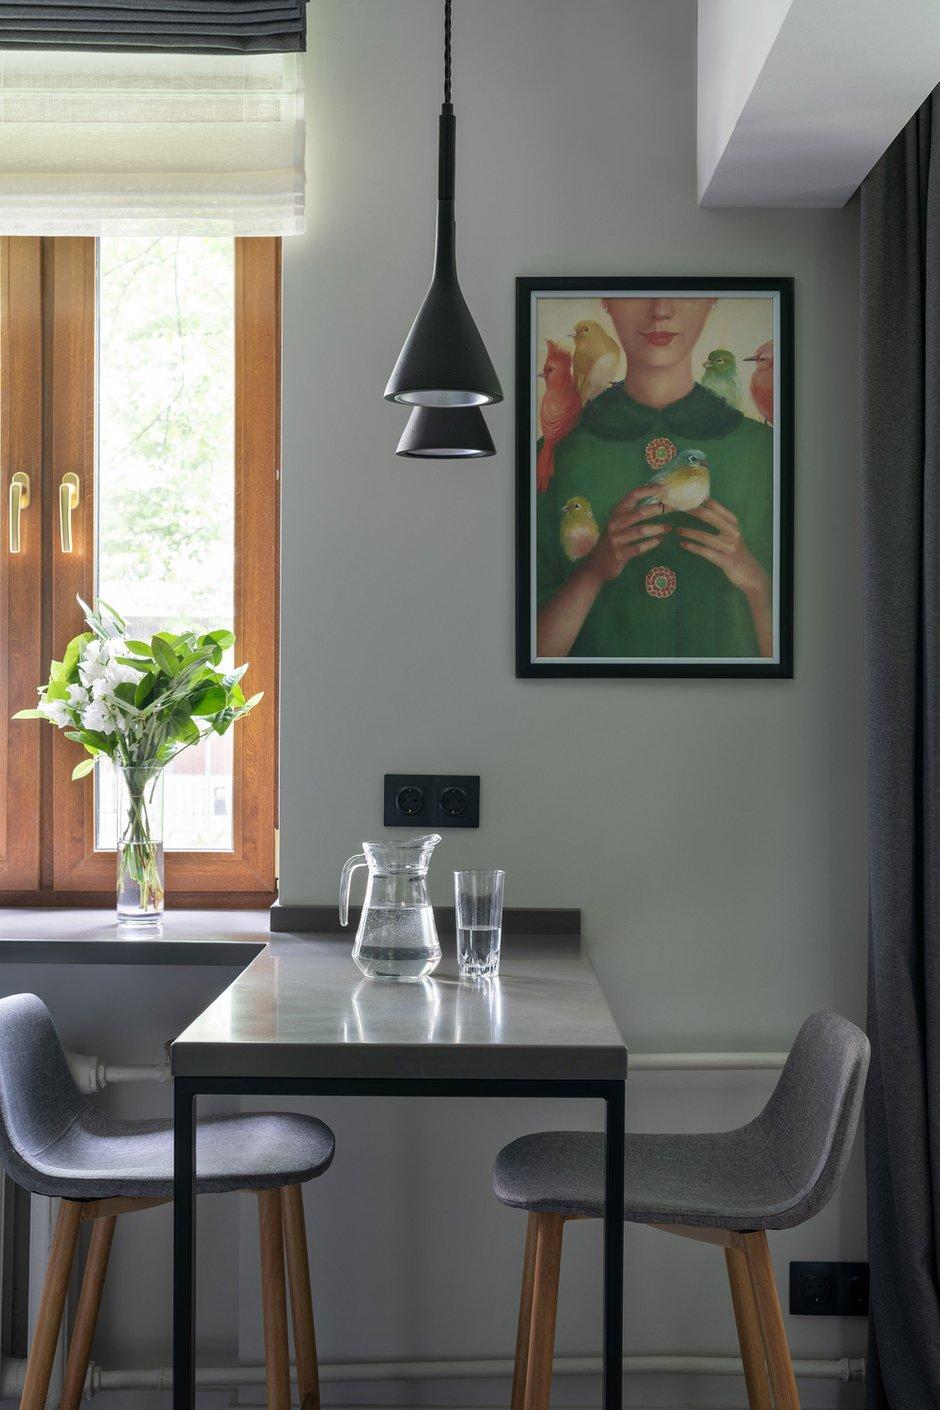 Фотография: Кухня и столовая в стиле Современный, Малогабаритная квартира, Квартира, Студия, Проект недели, Москва, Хрущевка, 1 комната, Huge Studio – фото на INMYROOM